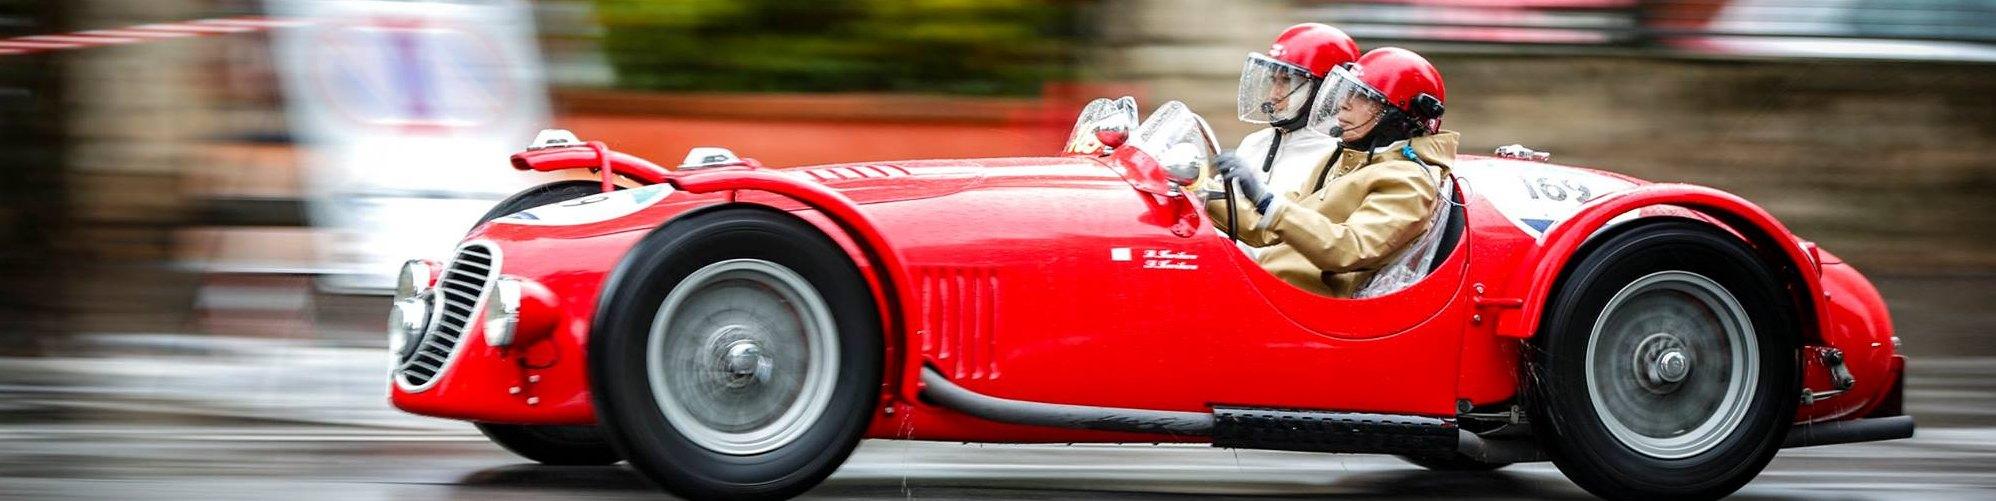 """Garda begrüßt die 1000 Miglia, das """"schönste Rennen der Welt"""""""